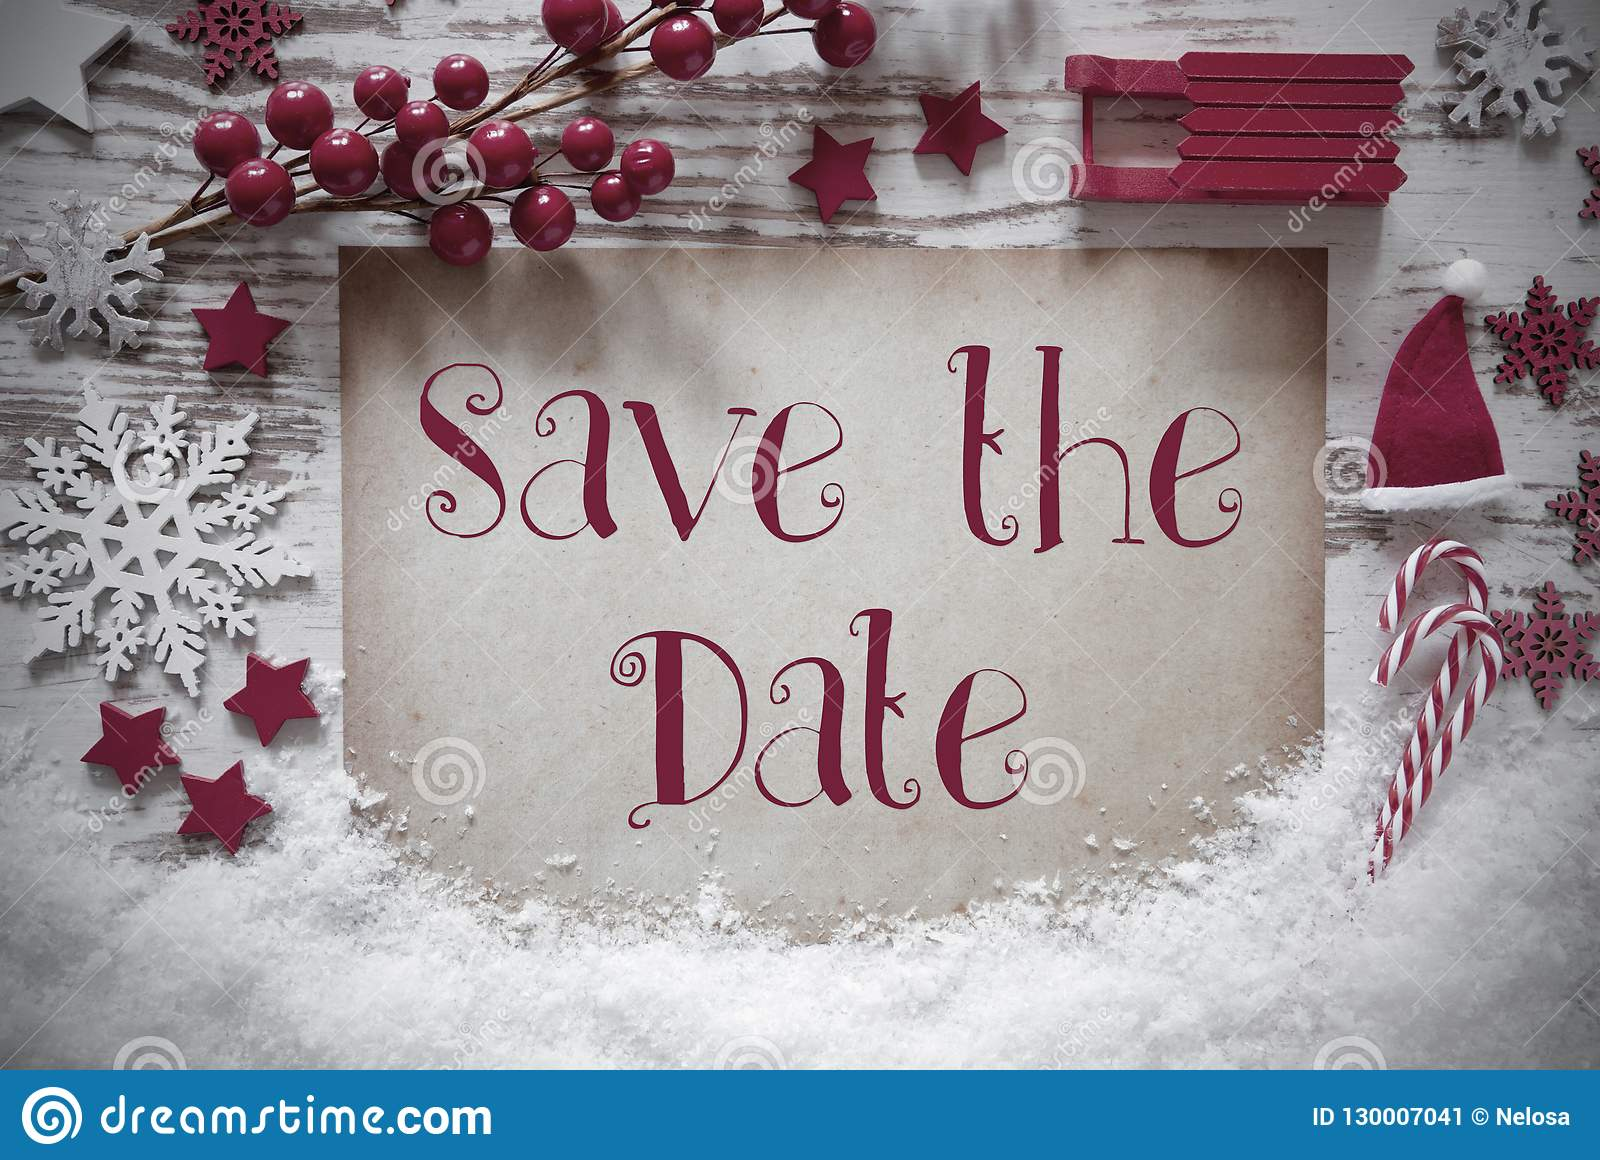 Decoração vermelha do Natal, neve, texto inglês salvo a data